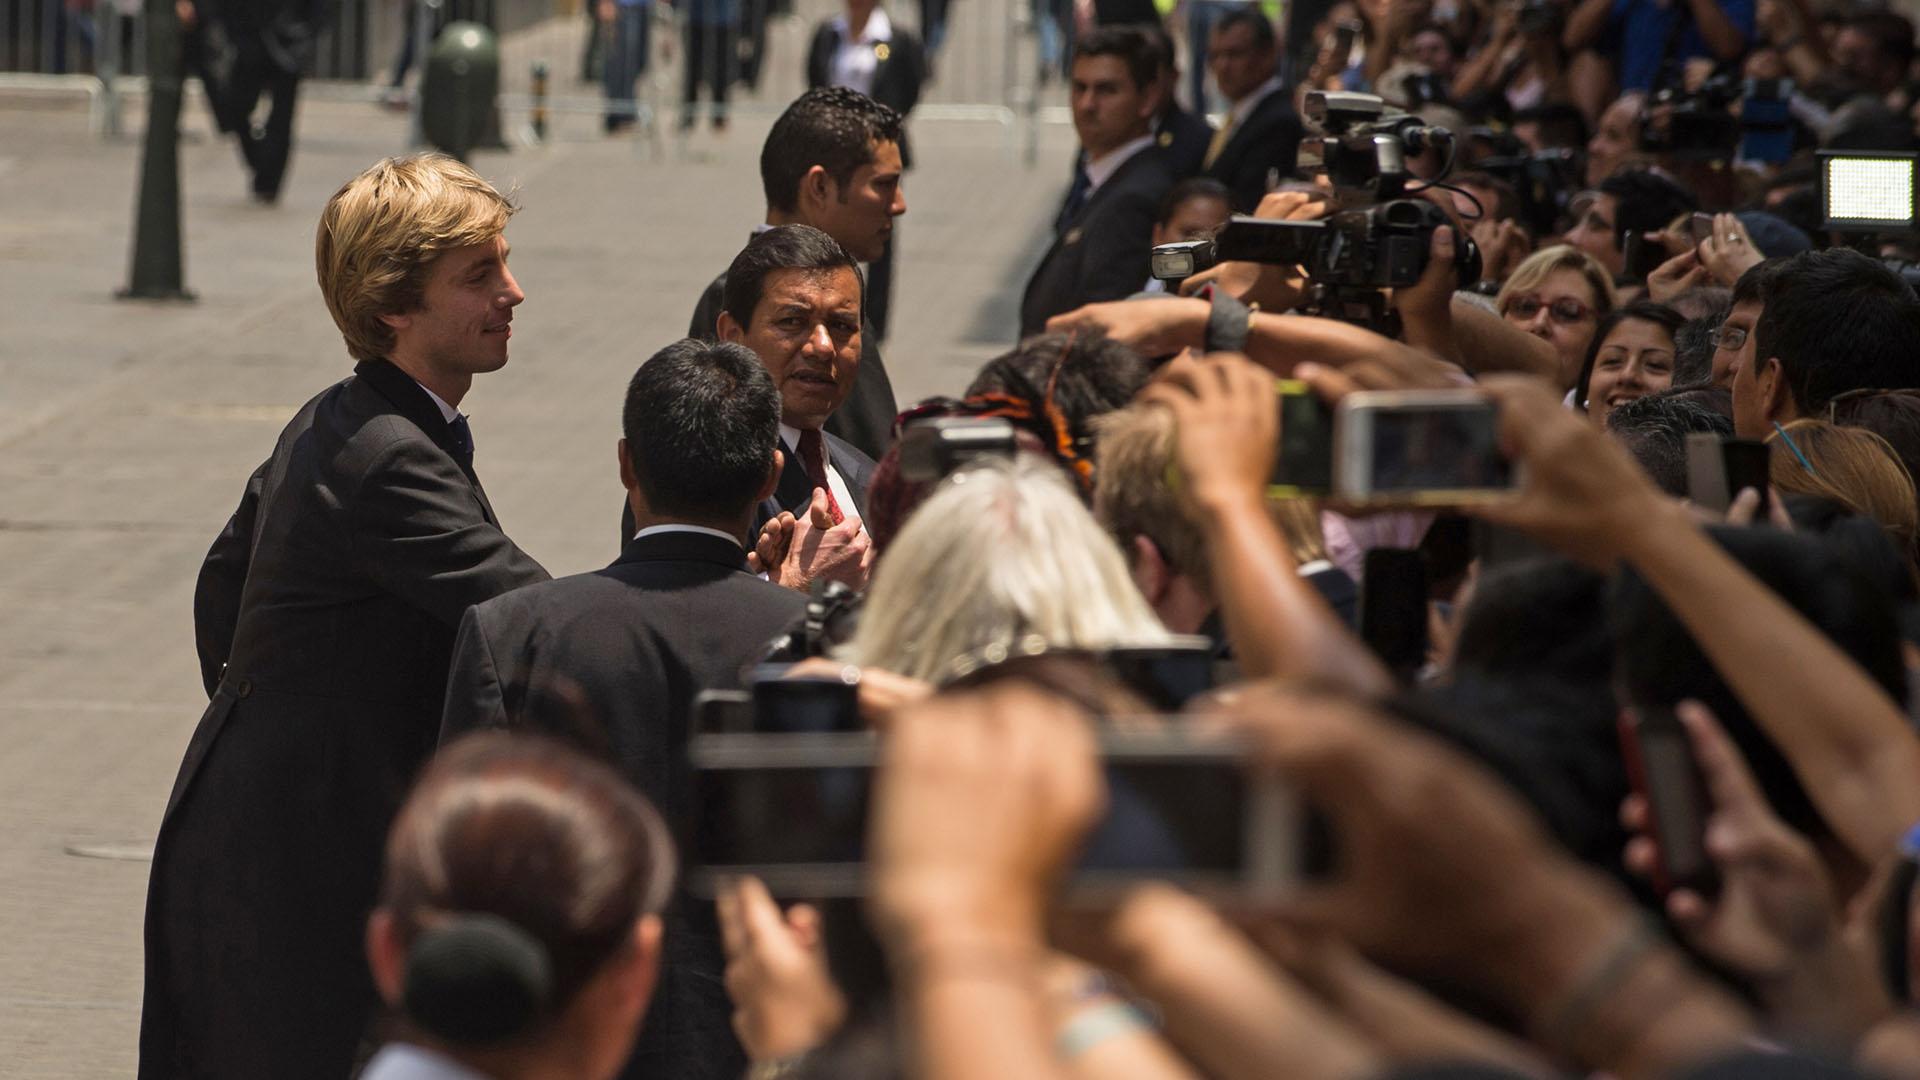 Los príncipes saludando a la prensa y a los curiosos que rodearon las calles aldedañas